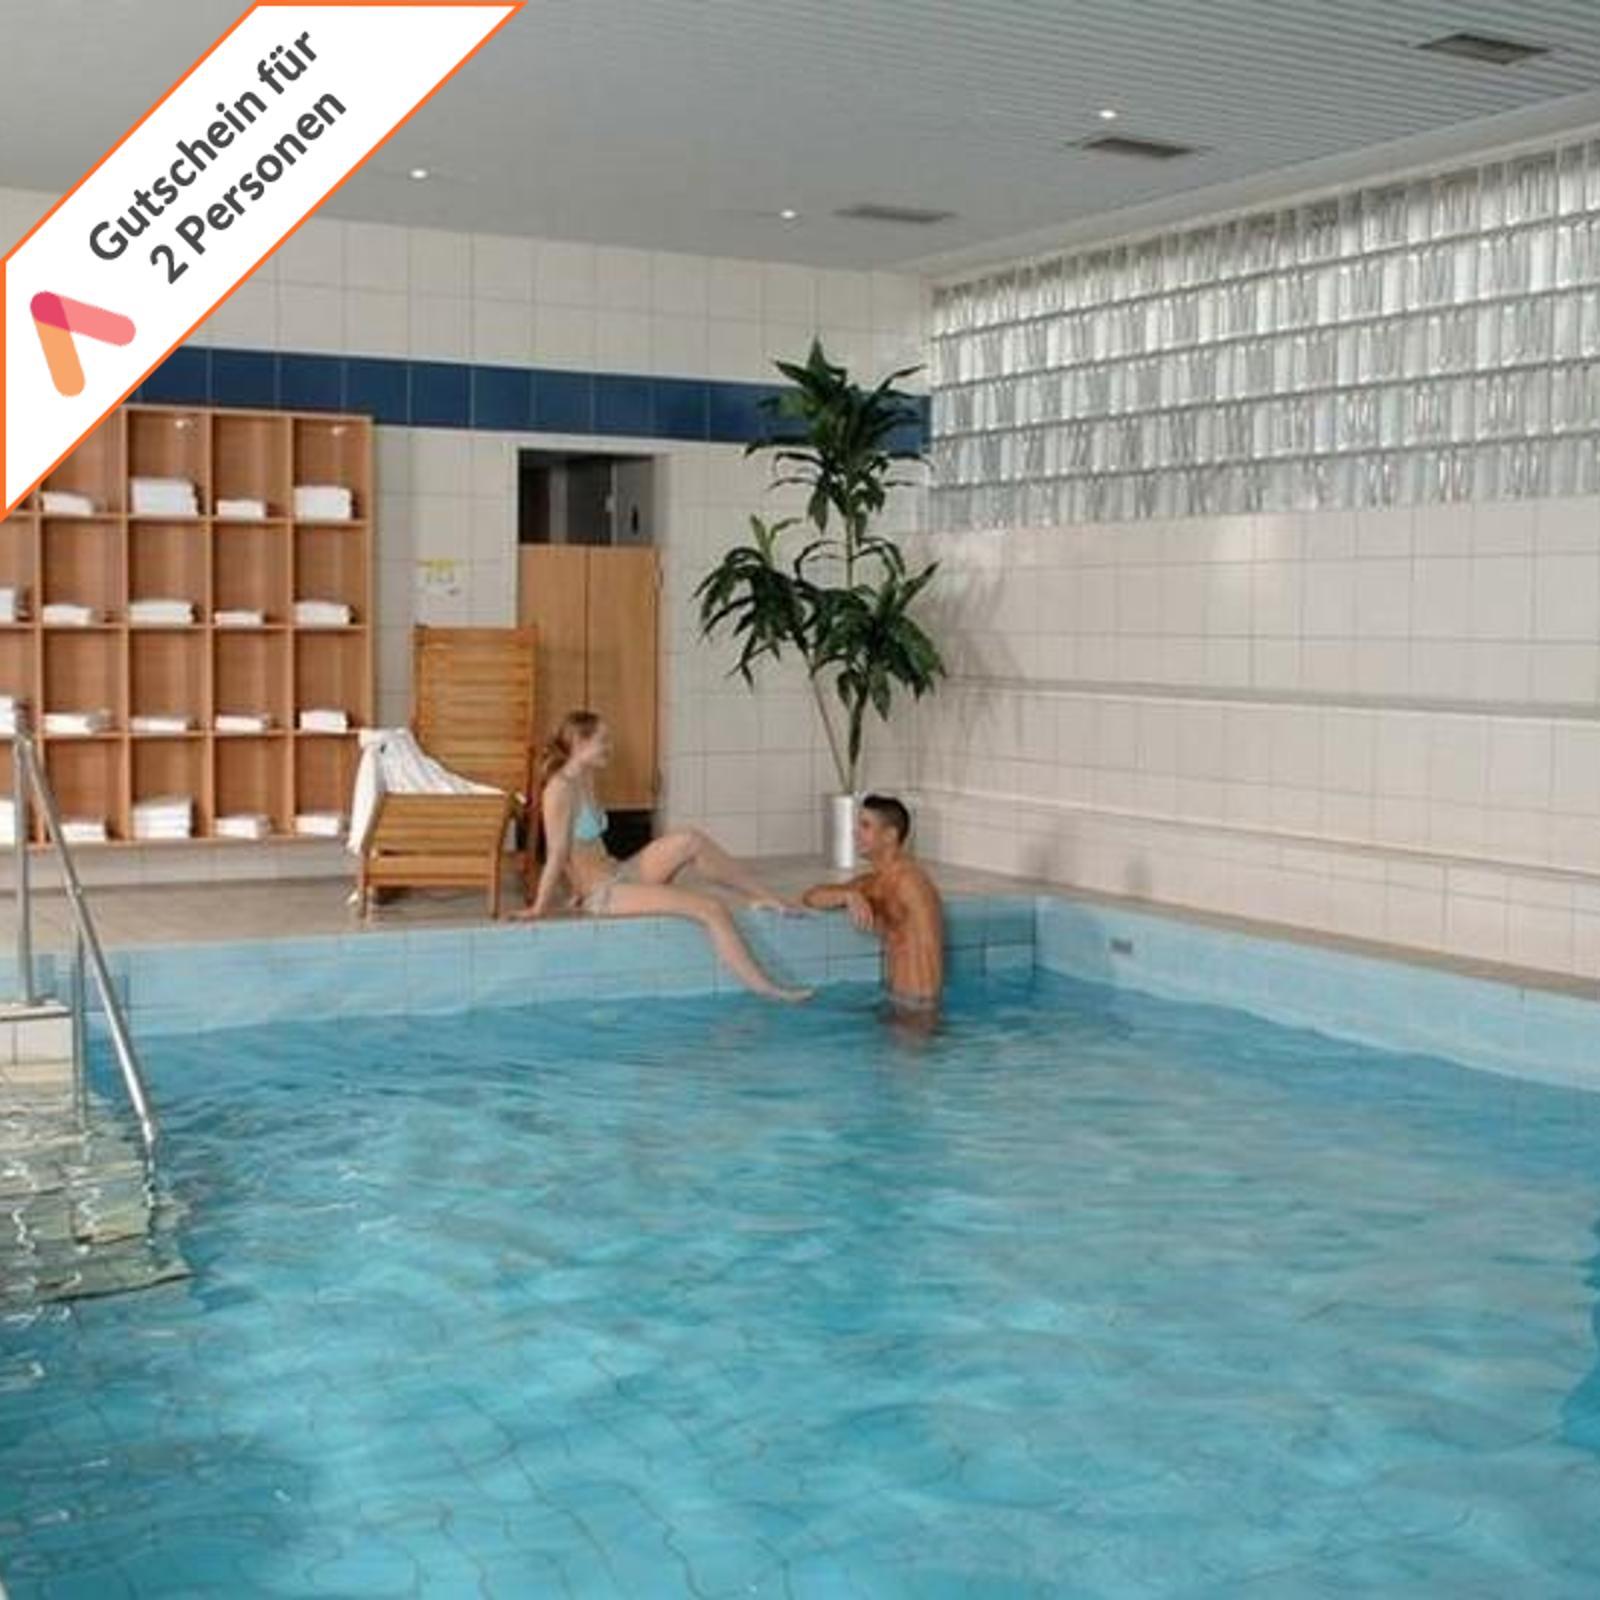 Kurzreise Taunus Bad Homburg 4 Sterne Hotel 3 Tage 2 Personen Hotelgutschein